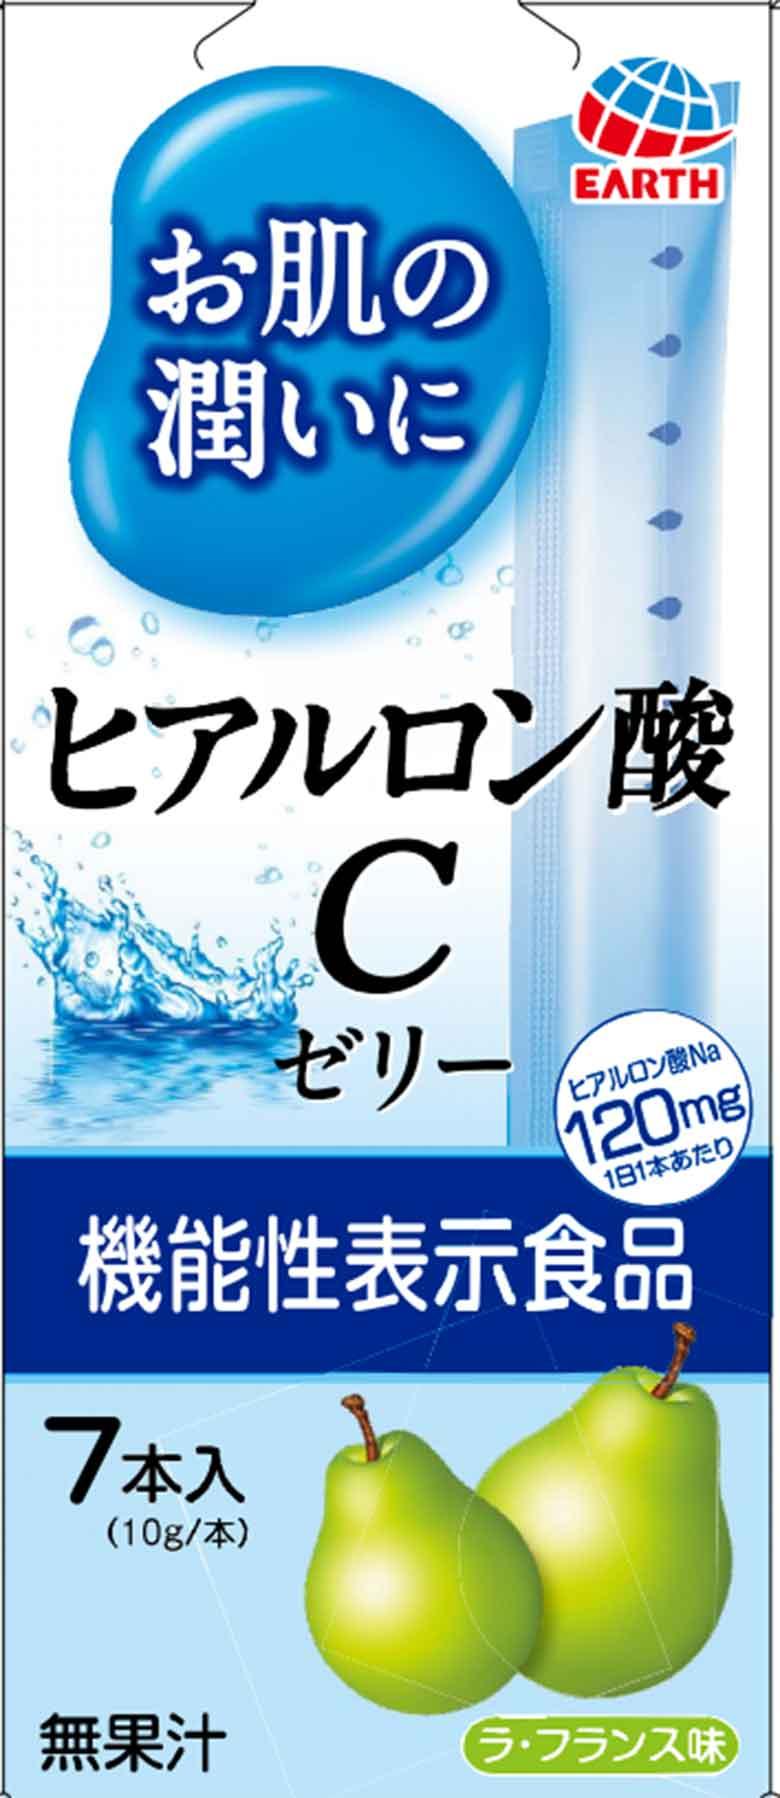 ヒアルロン酸Cゼリー